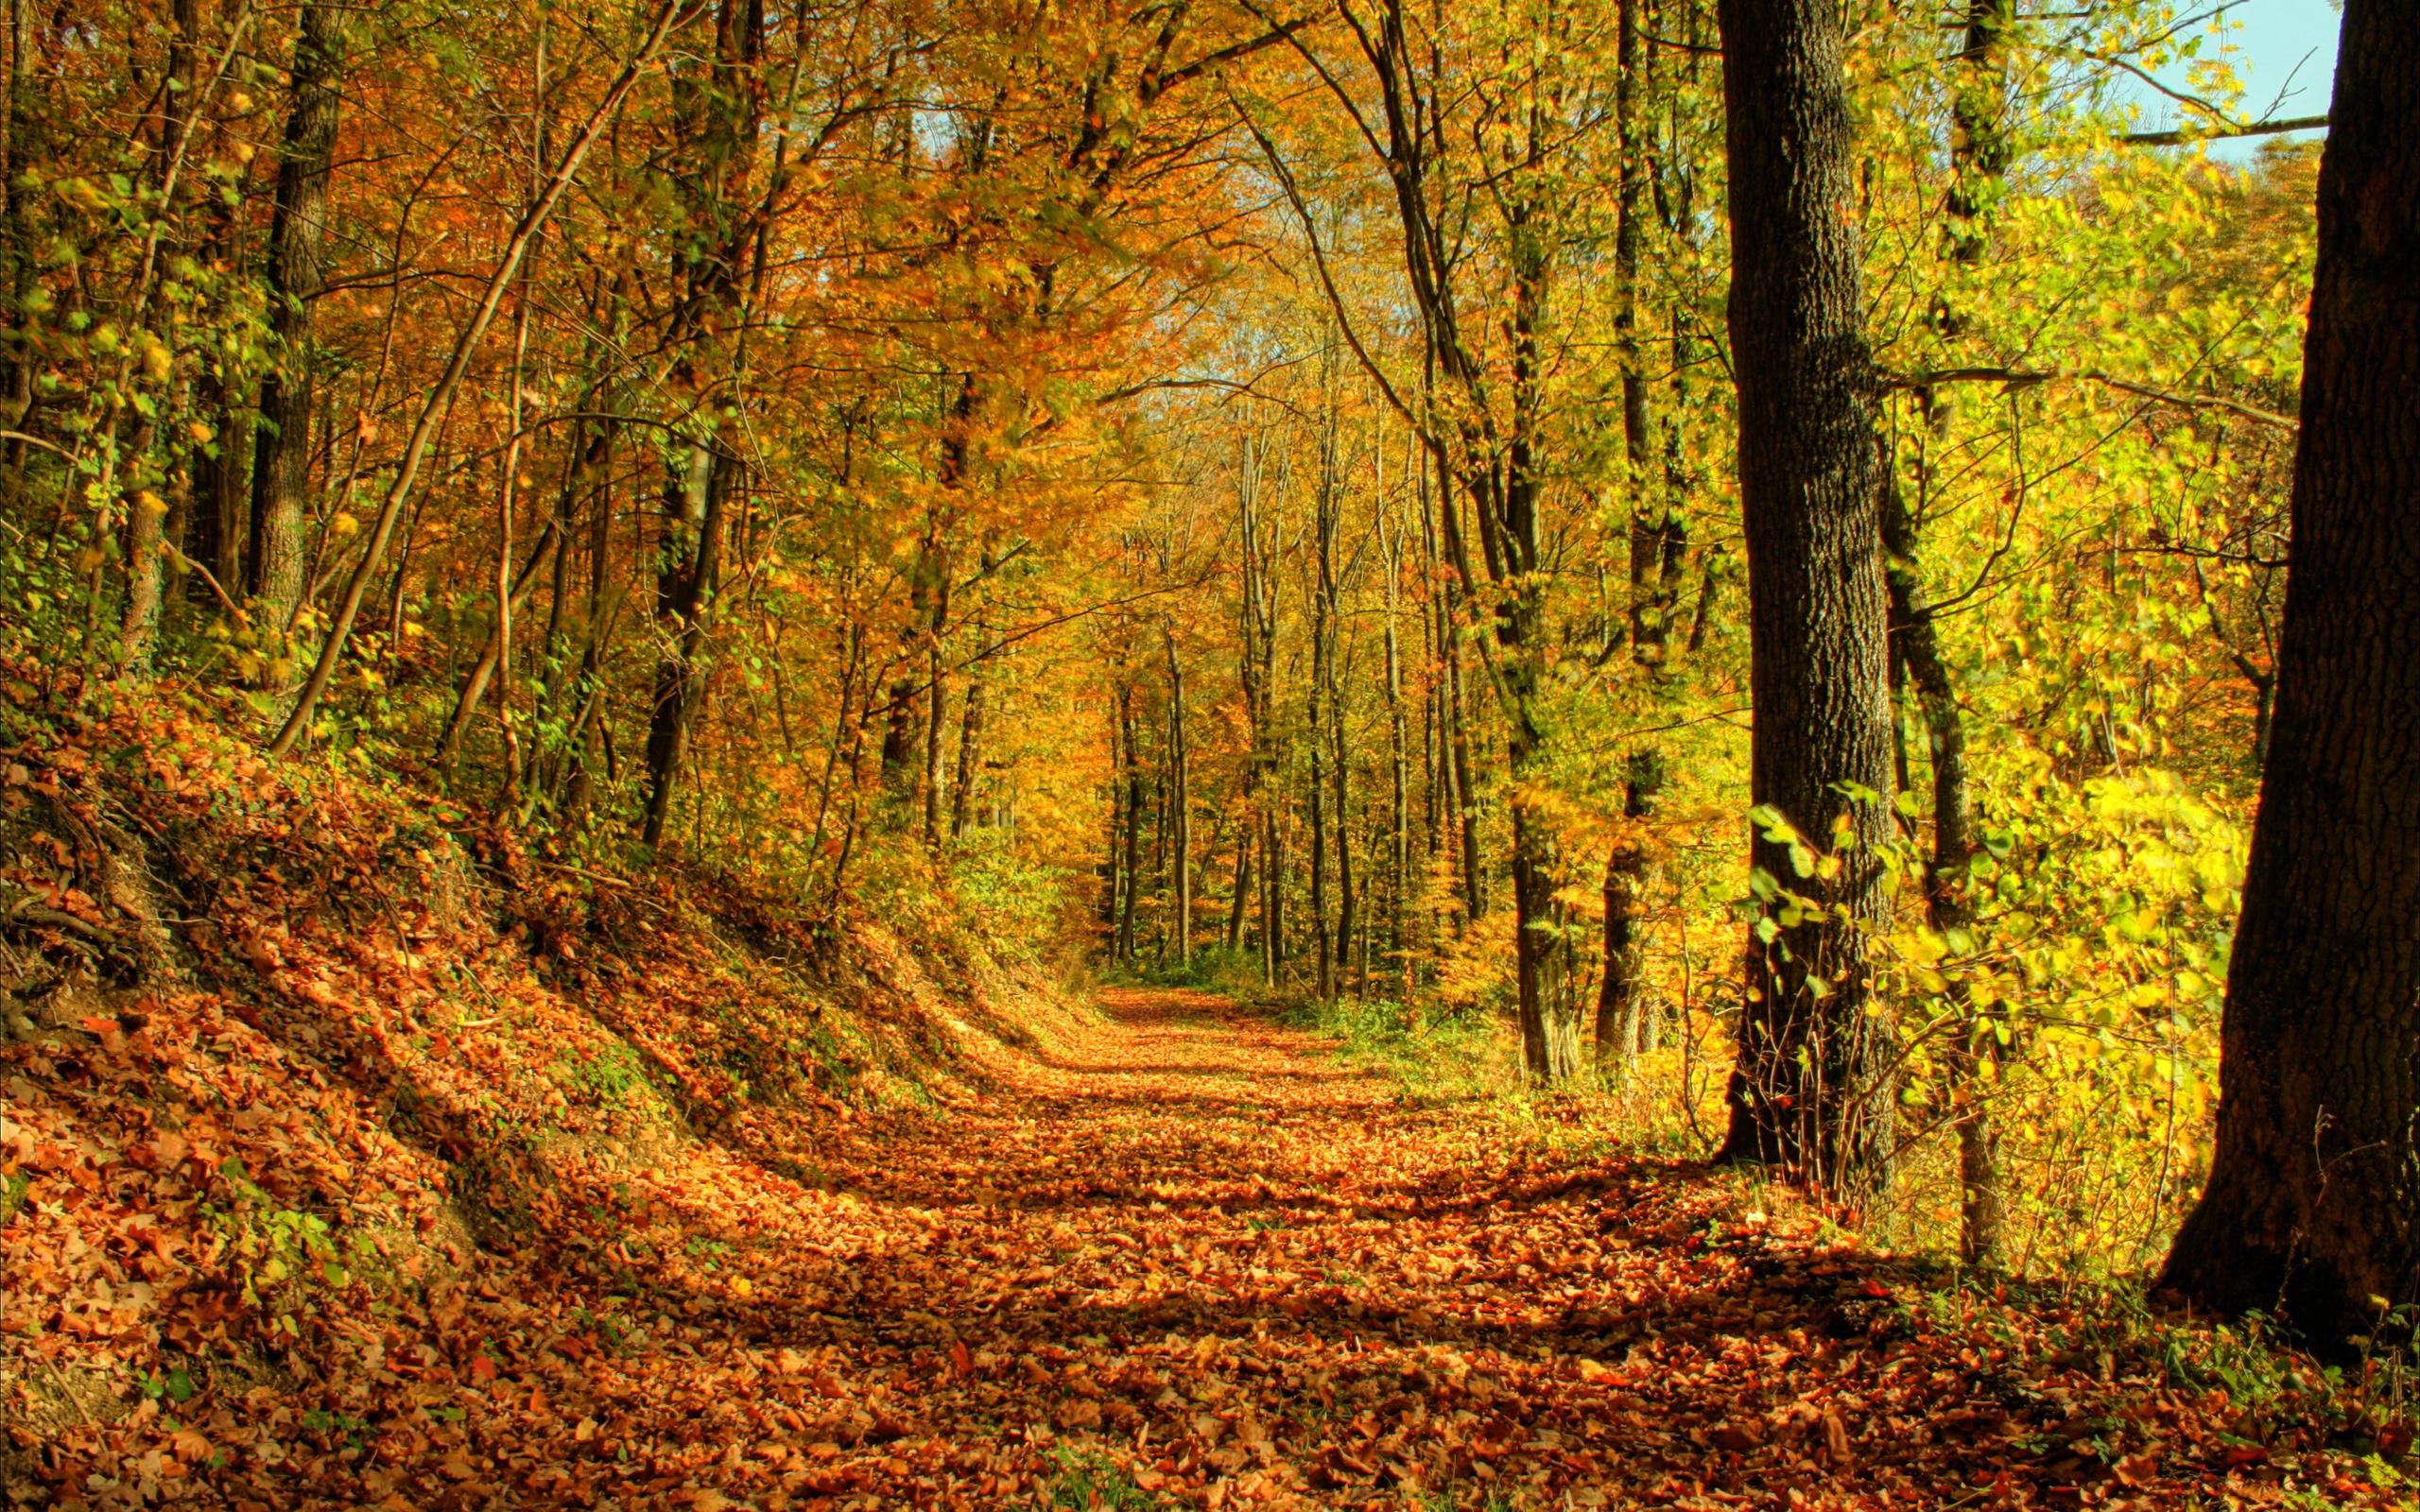 леса осенью картинки